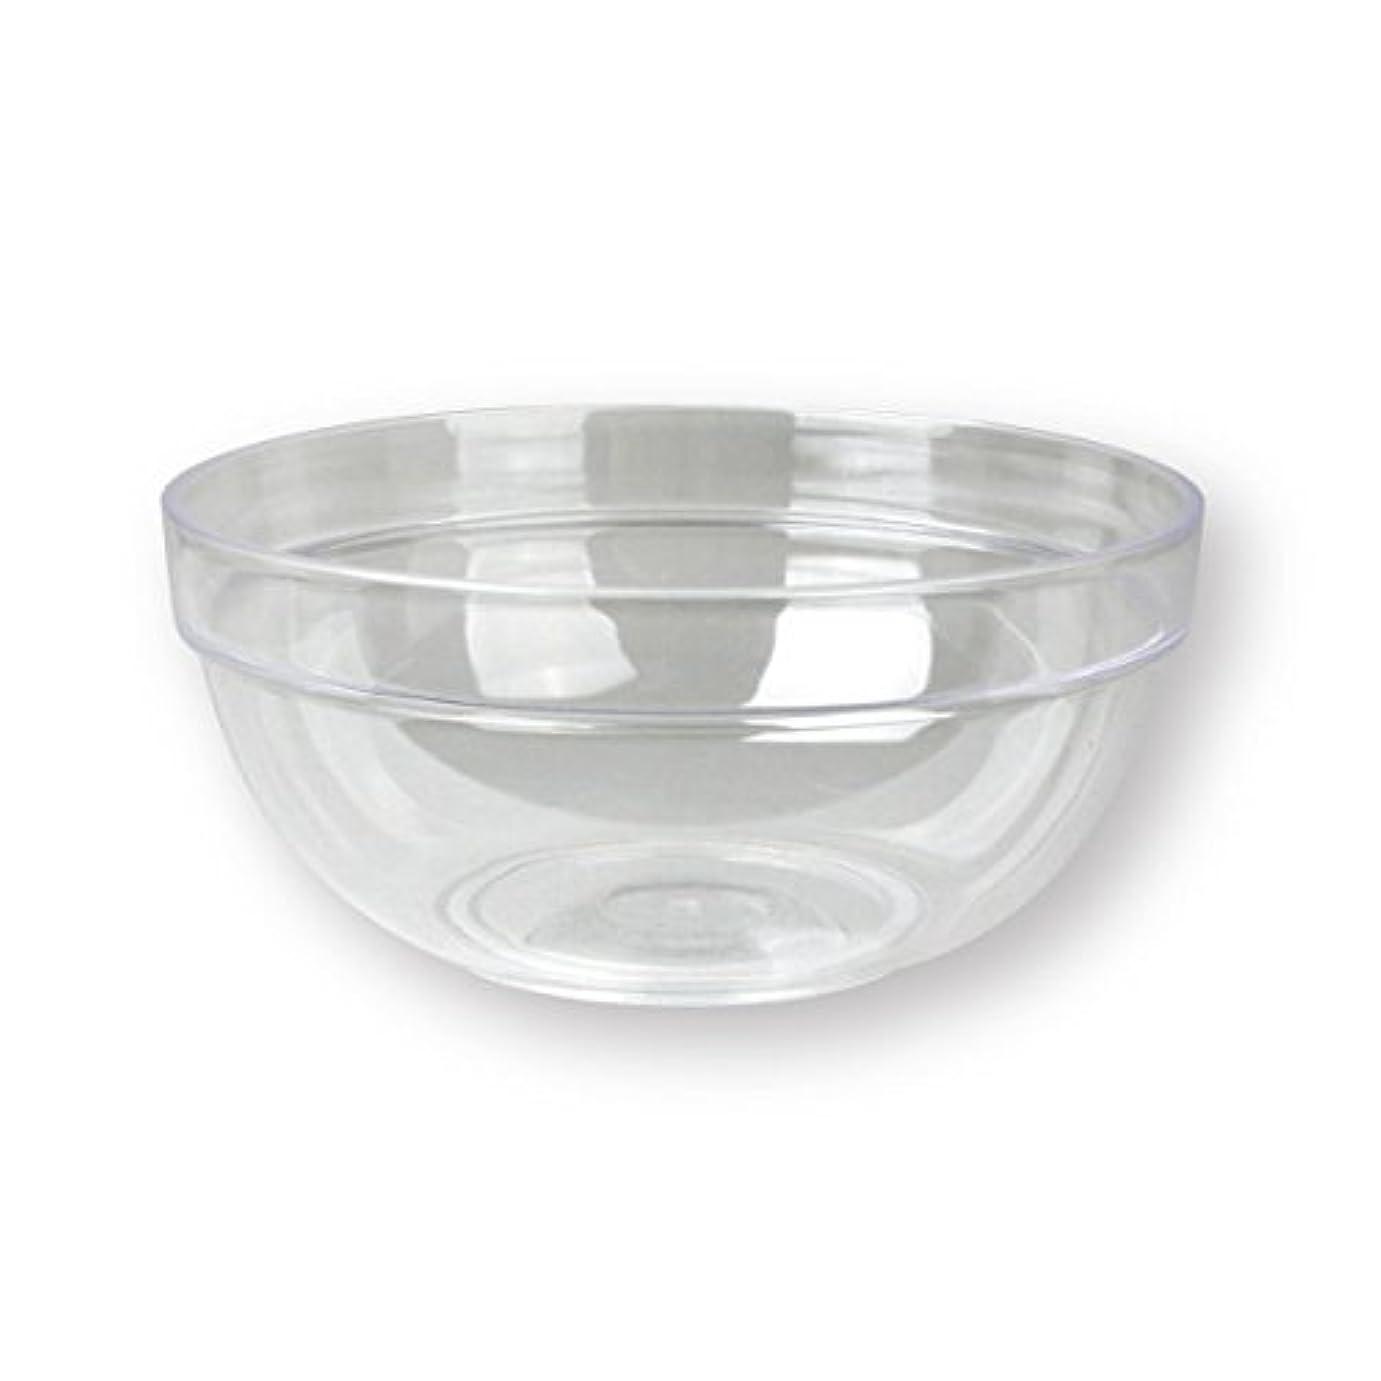 有益涙が出る前者4個セットプラスチックボール プラスチック ボウル カップクリア 直径20cm